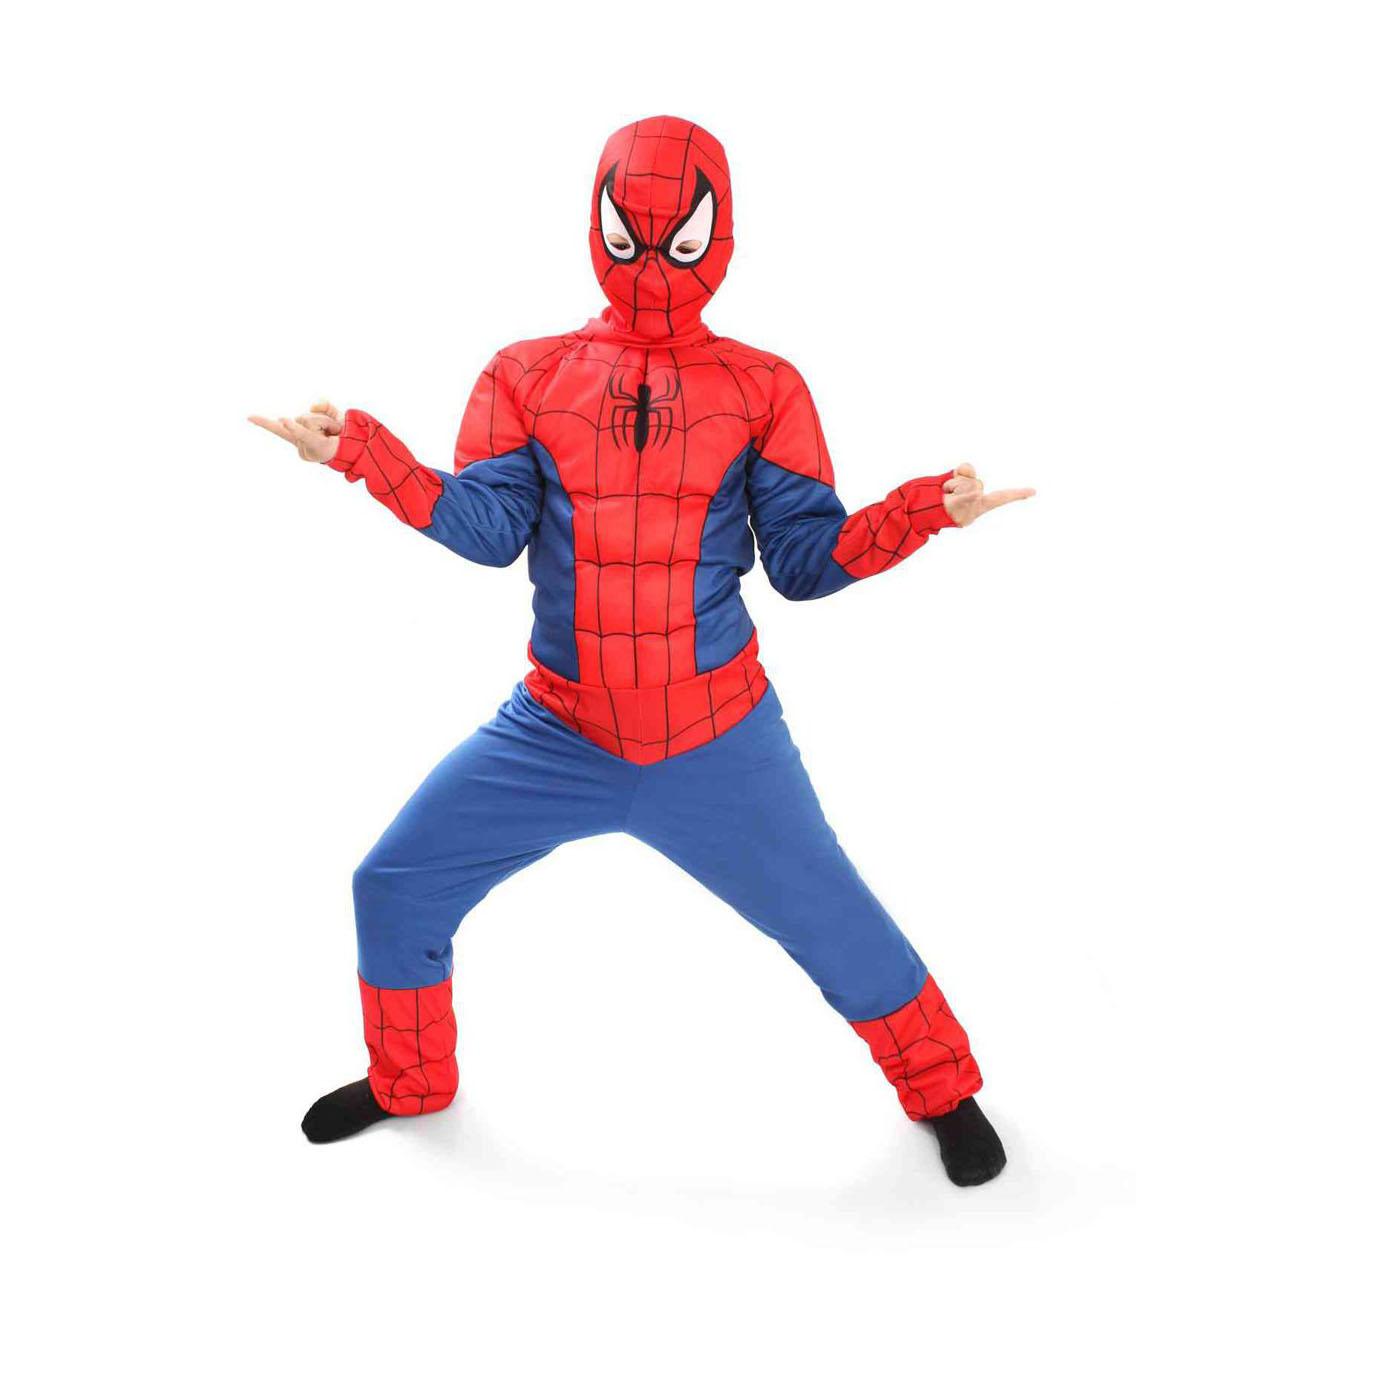 Карнавальный костюм Человек Паук арт.5092 р34Герой всех подростков человек-паук нравится и Вашему сыну? Тогда купите ему этот карнавальный костюм! И Ваш малыш будет с нетерпением ждать следующей карнавальной ночи. Детский карнавальный костюм Человек-паук выполнен из трикотажных тканей, который идеально будет смотреться на любом мальчишке. В комплект костюма входит комбинезон и маска. Завершает образ имитация мускул, которая придает костюму правдоподобный и захватывающий образ. Российский производитель карнавальных костюмов для детей Батик заключил лицензионное соглашение с Уолт Дисней Компани на производство и продажу карнавальных костюмов героев из анимационных мультфильмов.<br>